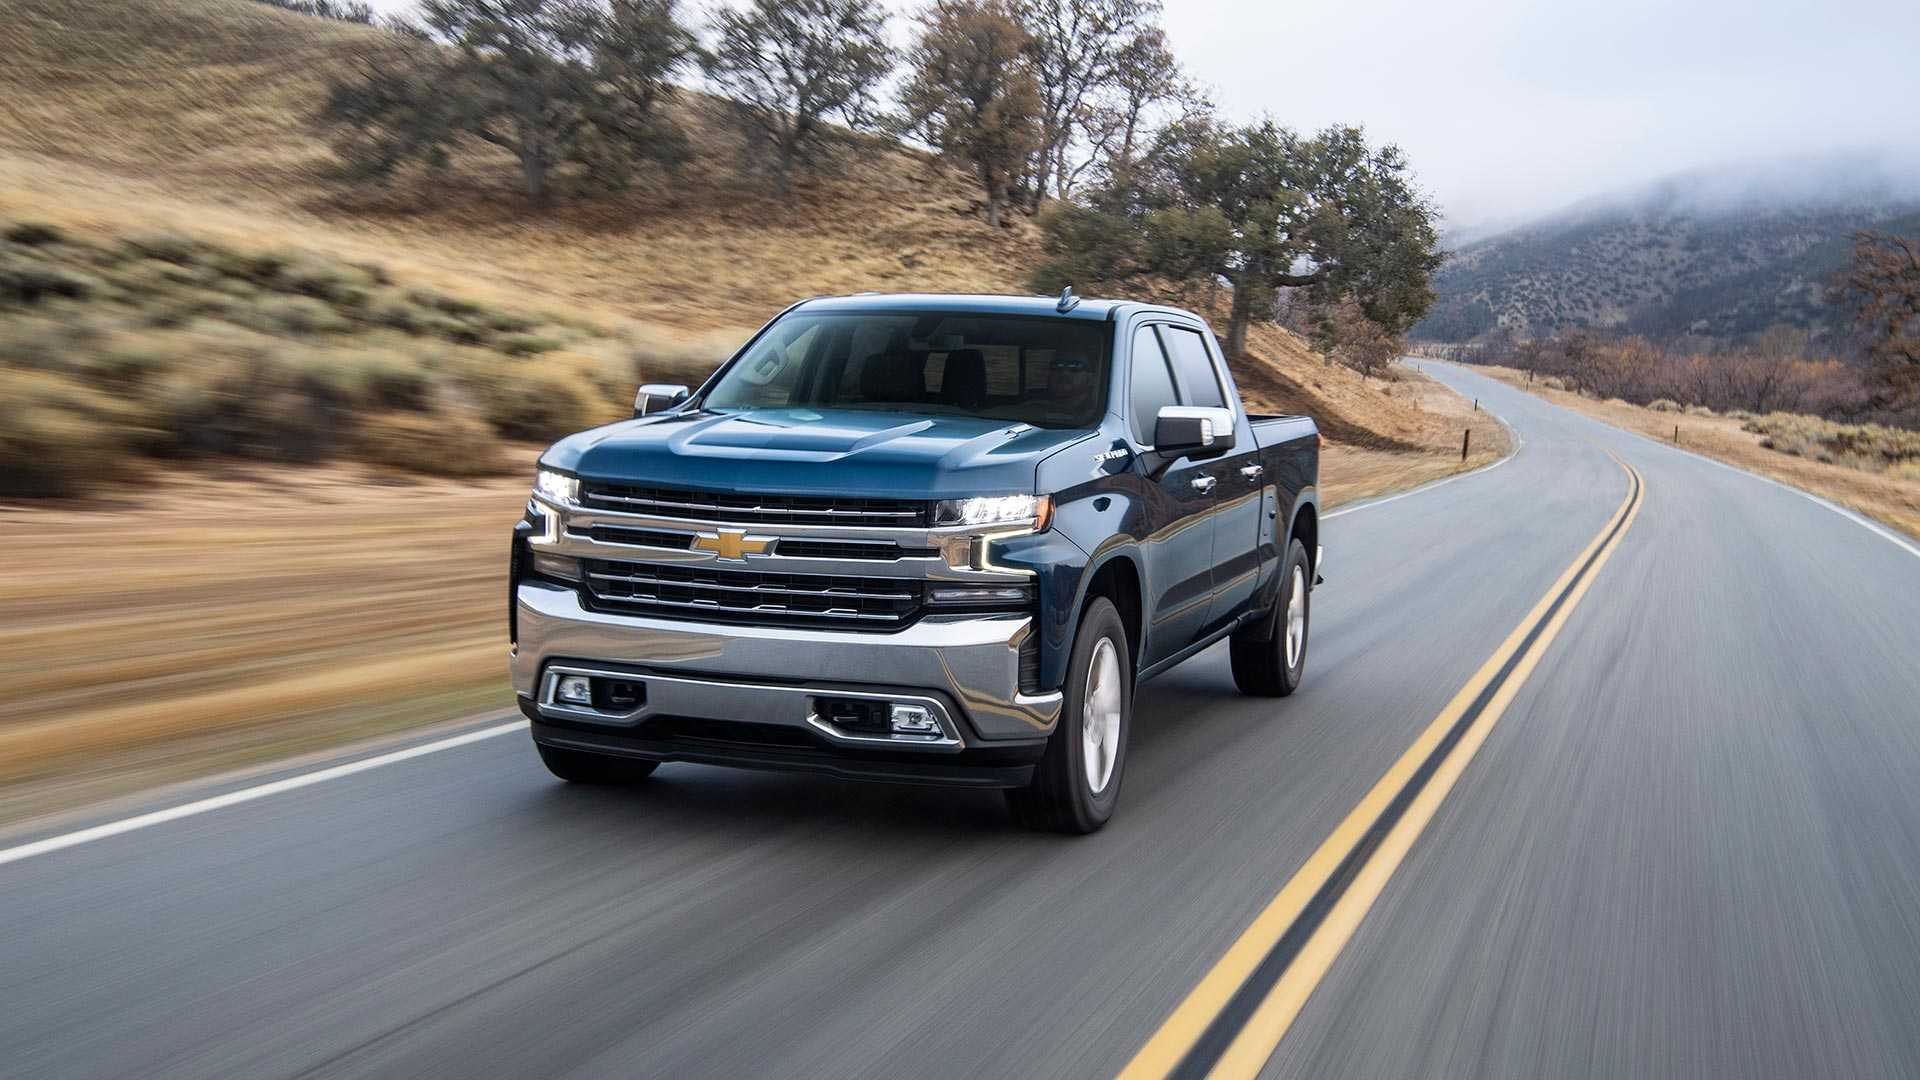 2021 Spy Silverado 1500 Diesel Price